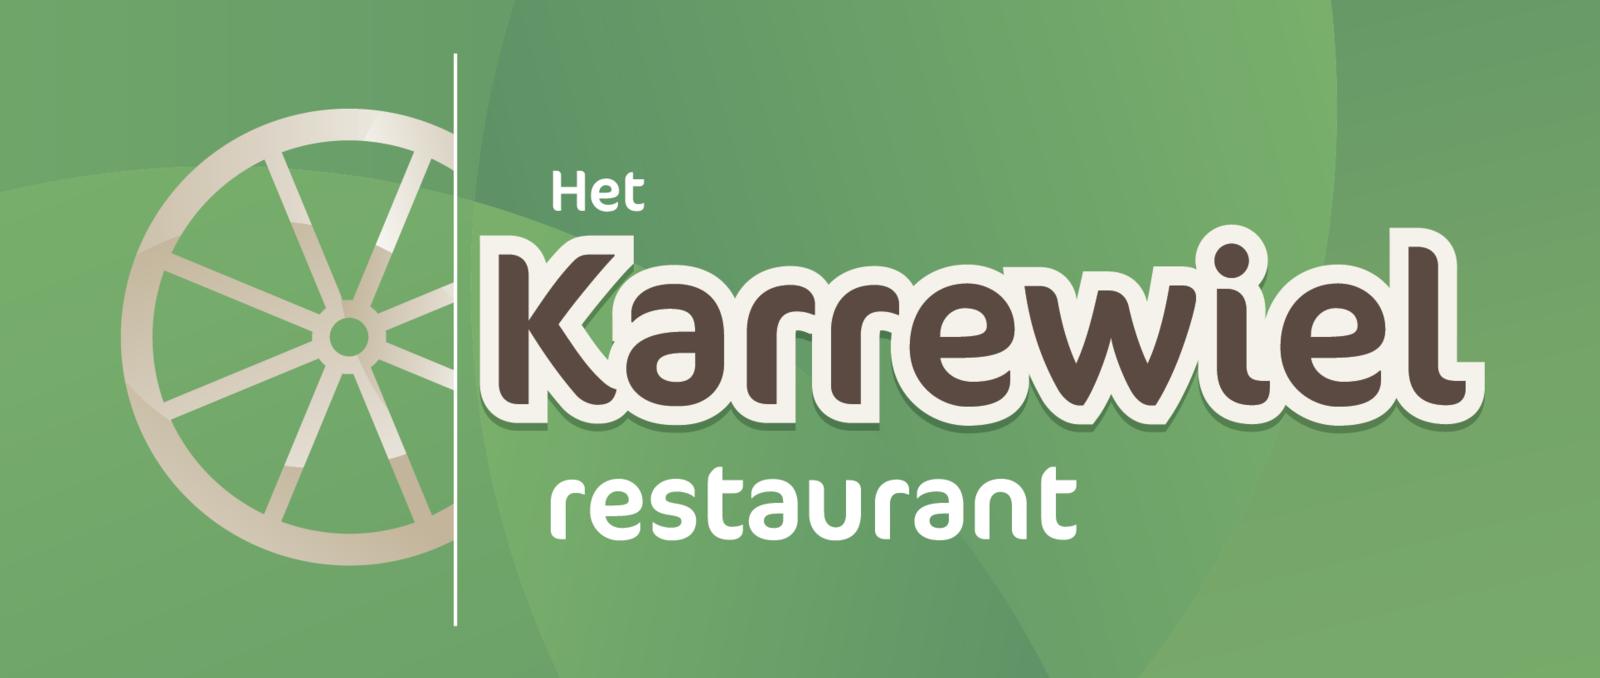 Restaurant Het Karrewiel